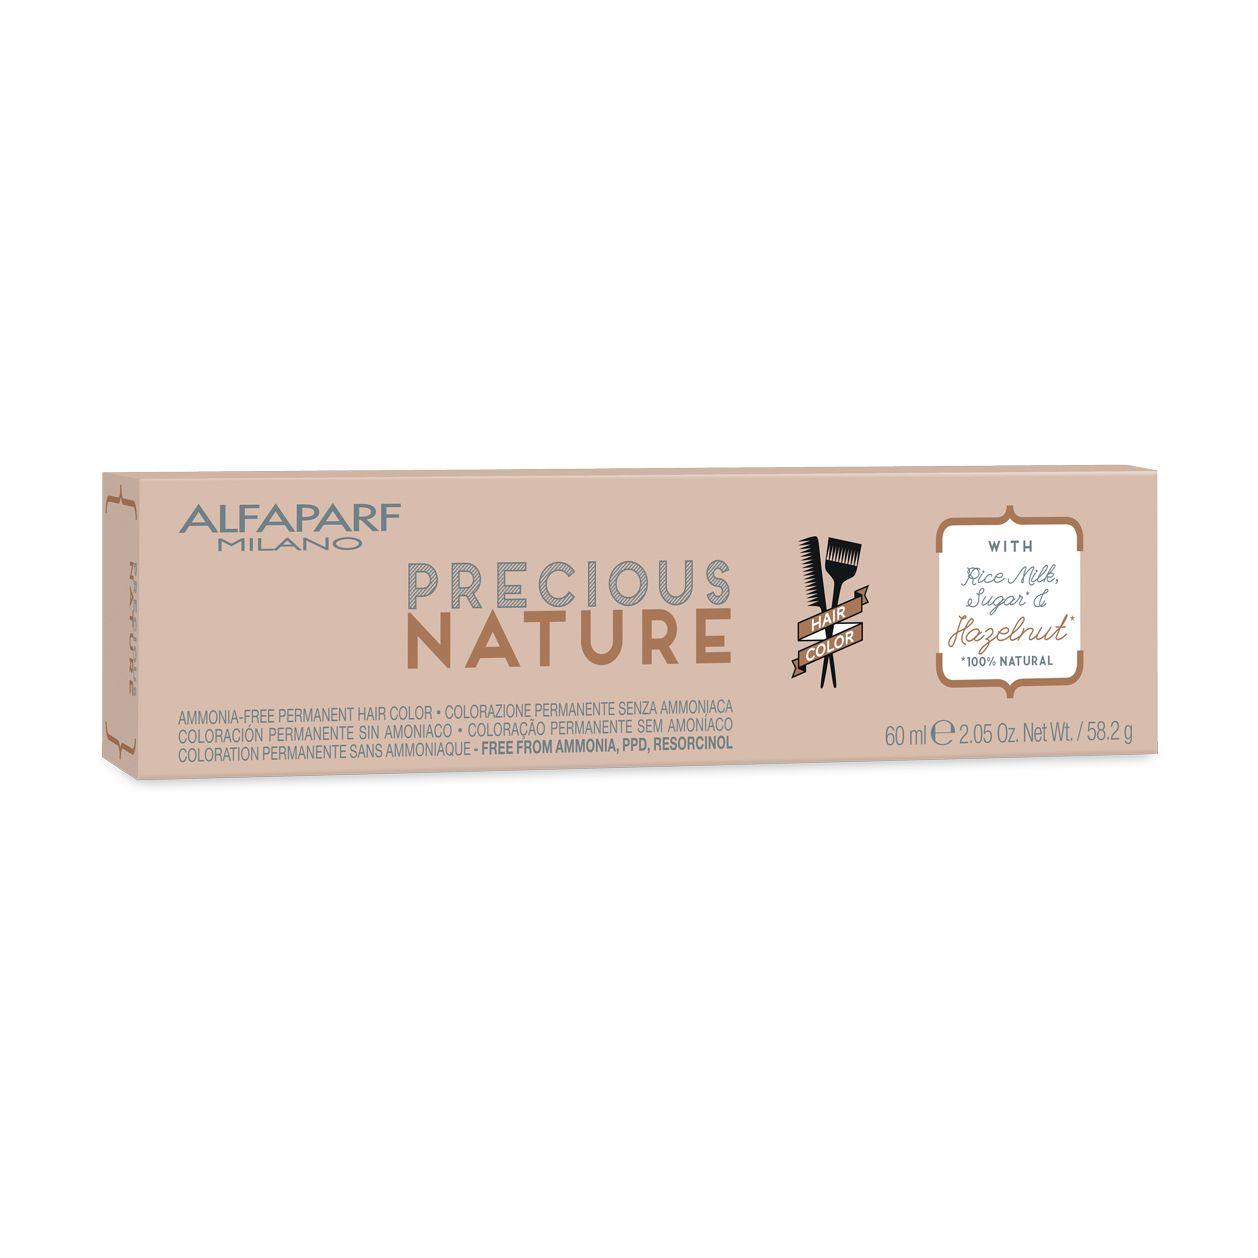 Alfaparf Milano-Precious Nature Hair Color Creme de Coloração 9.1 Louro Claríssimo Cinza 60ml